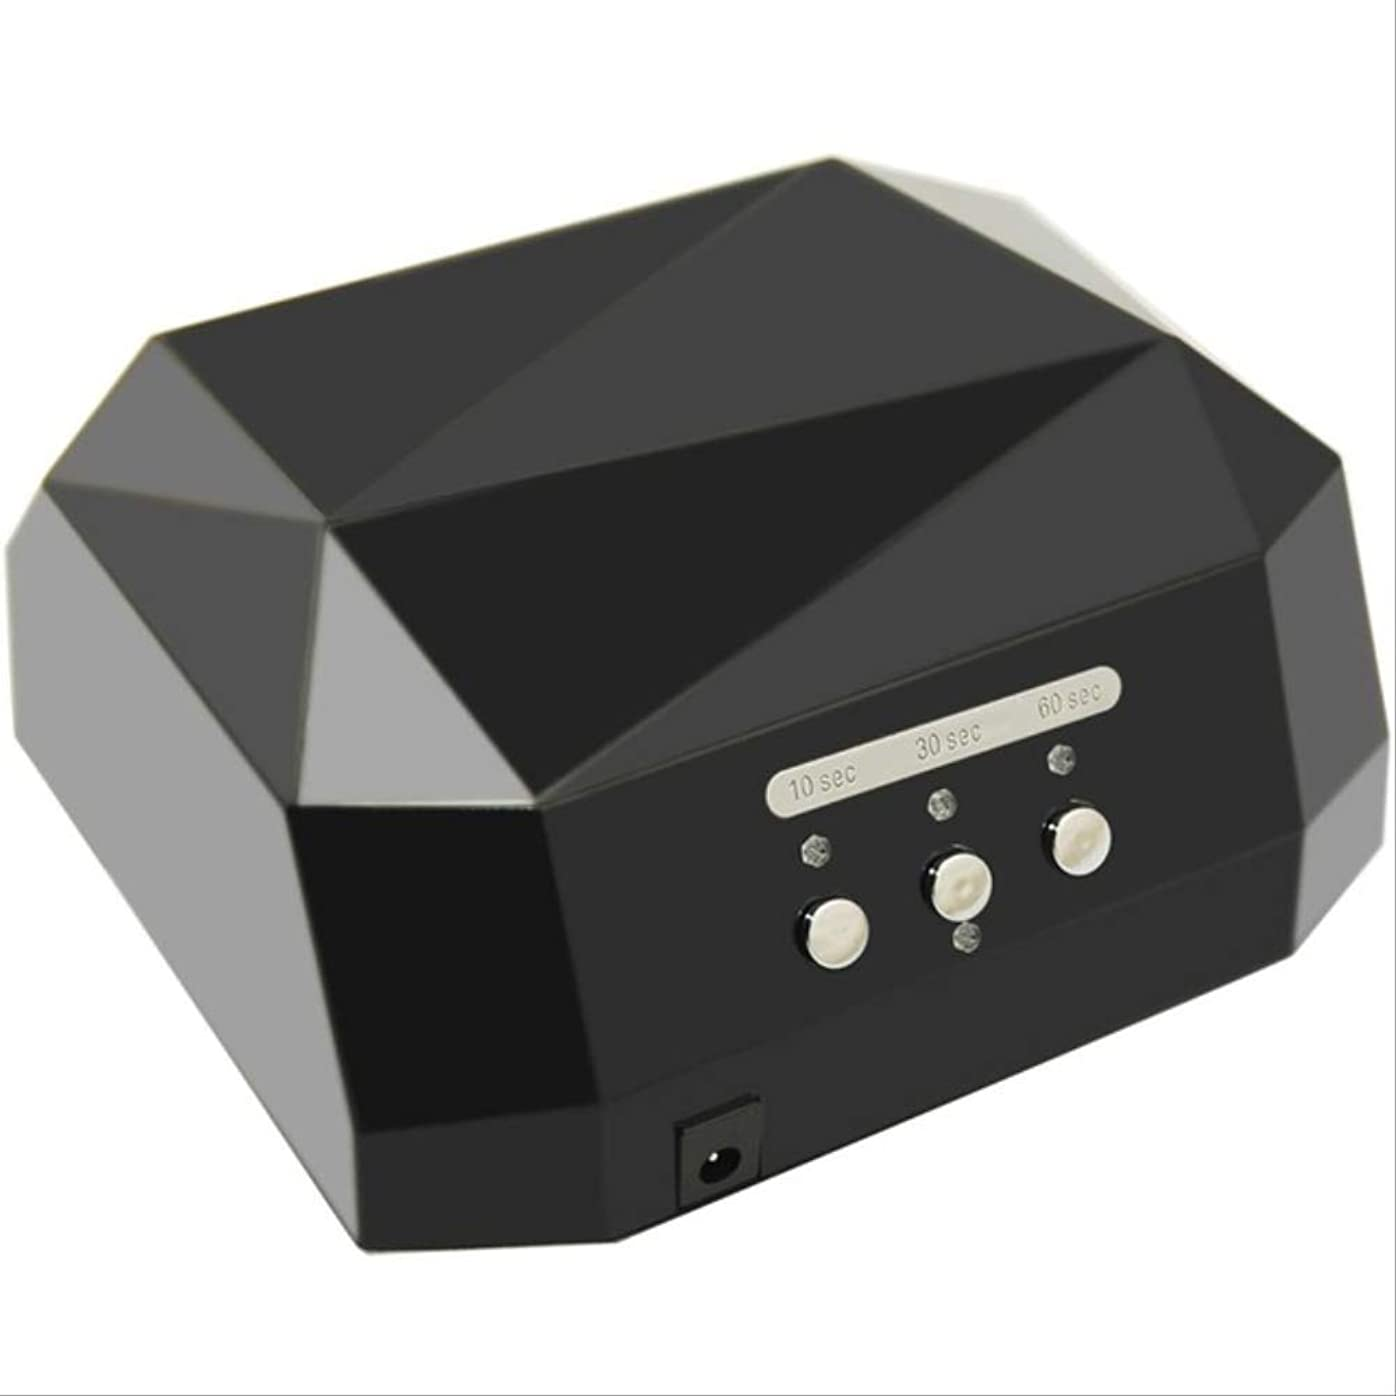 フィドル生きている支援36w釘のドライヤーのダイヤモンドは紫外線ランプの釘の薄黒を導きました